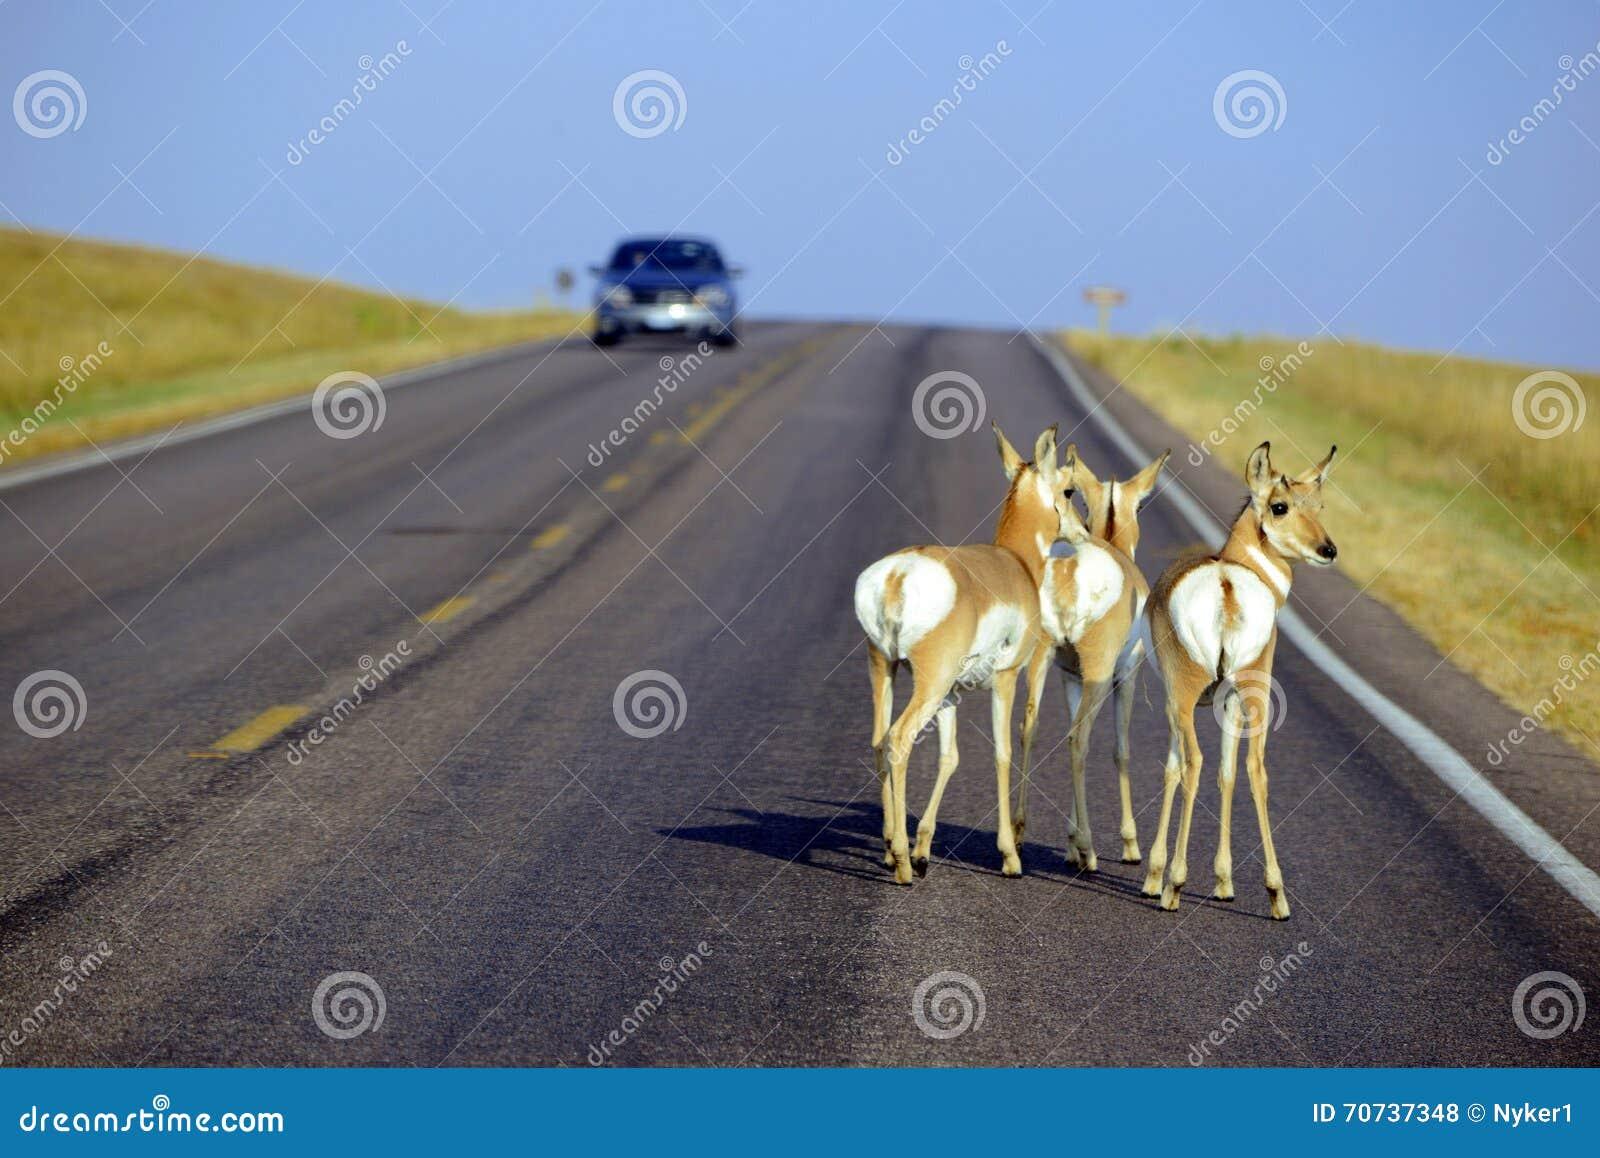 Живая природа на дороге с автомобилем